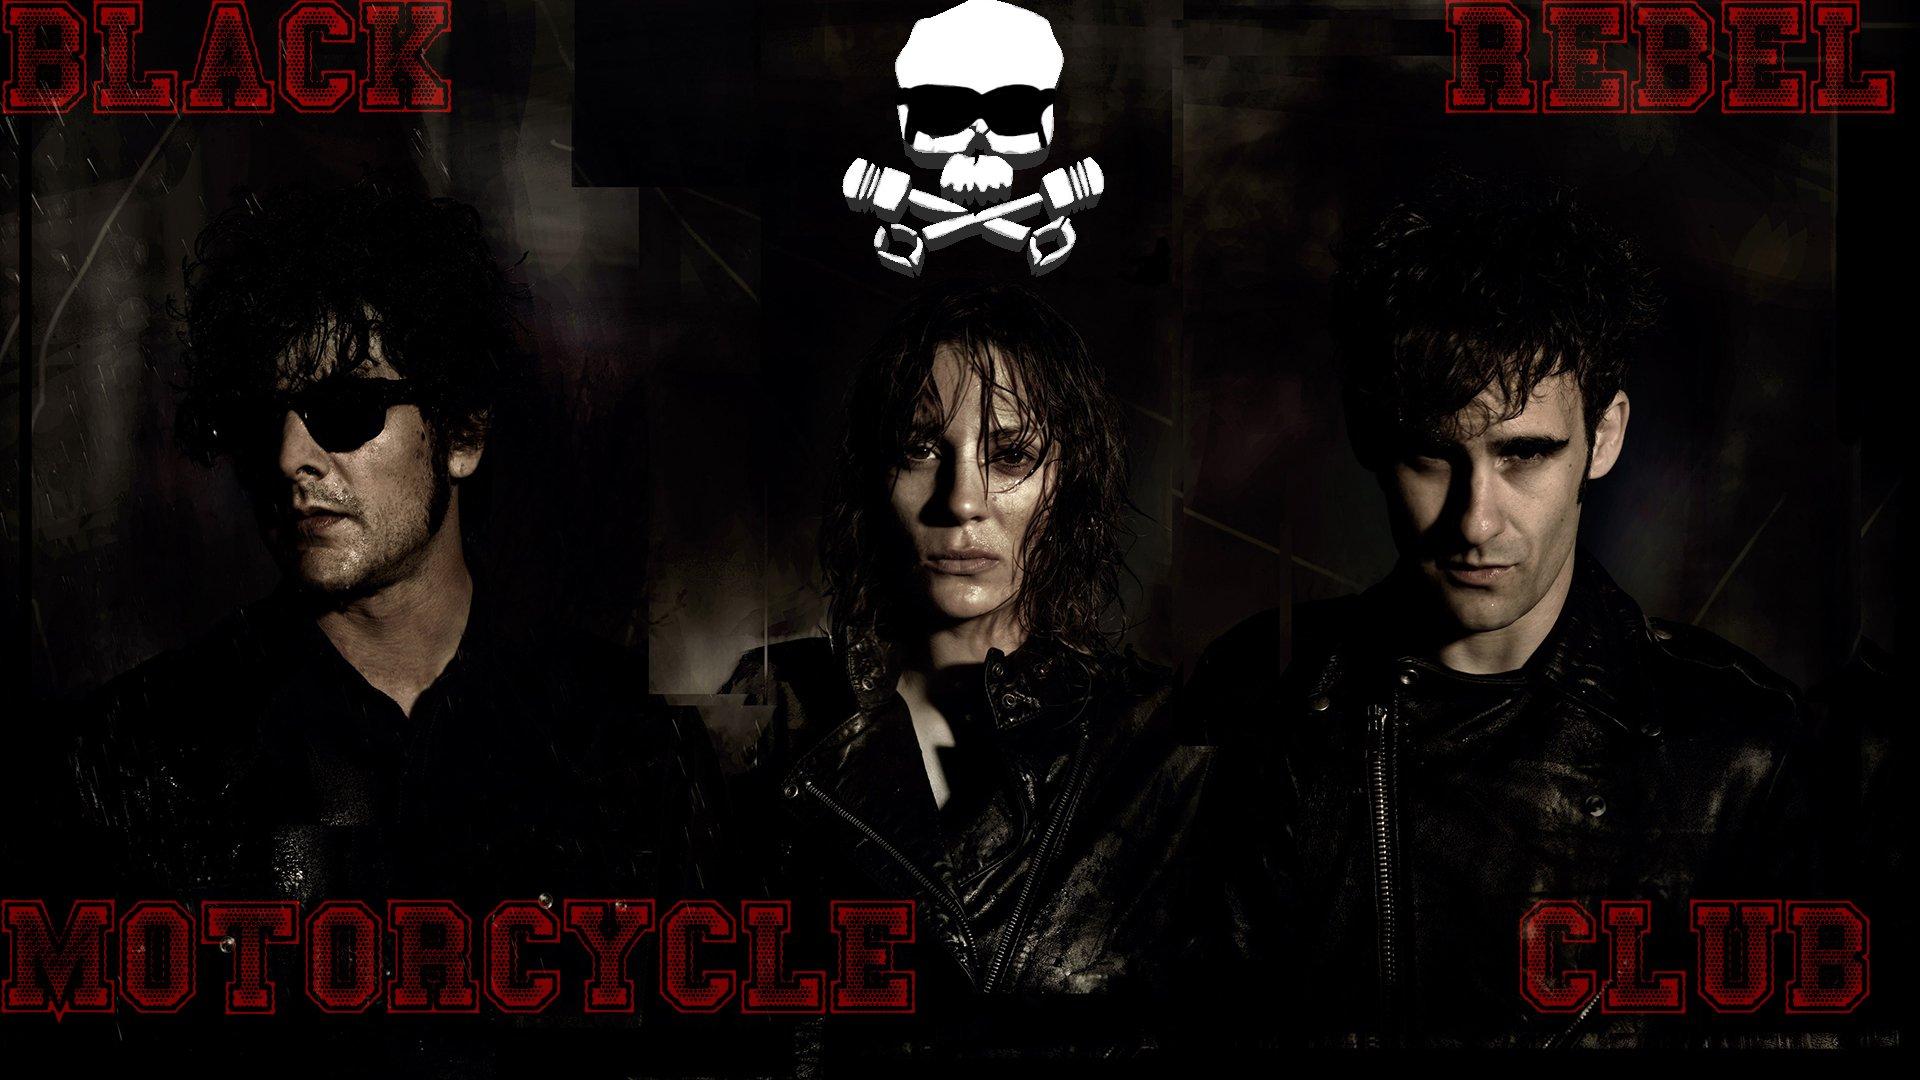 Black Rebel Motorcycle Club Fondo De Pantalla Hd Fondo De